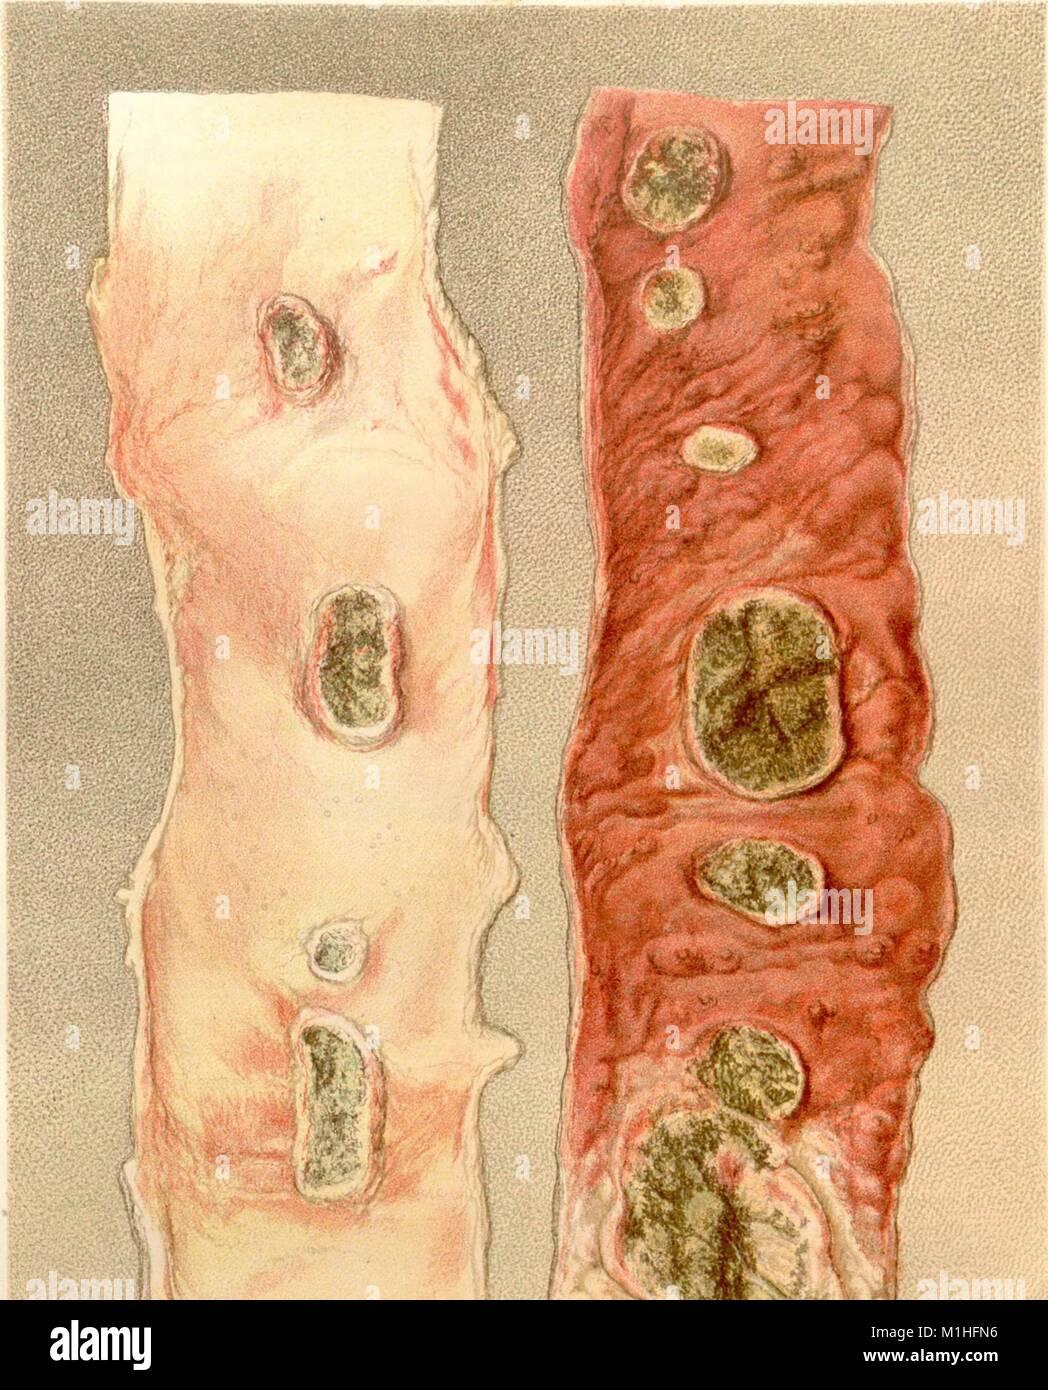 Ilustración en color representando inducida por fiebre tifoidea ulcerada parches en un íleon del paciente, Imagen De Stock